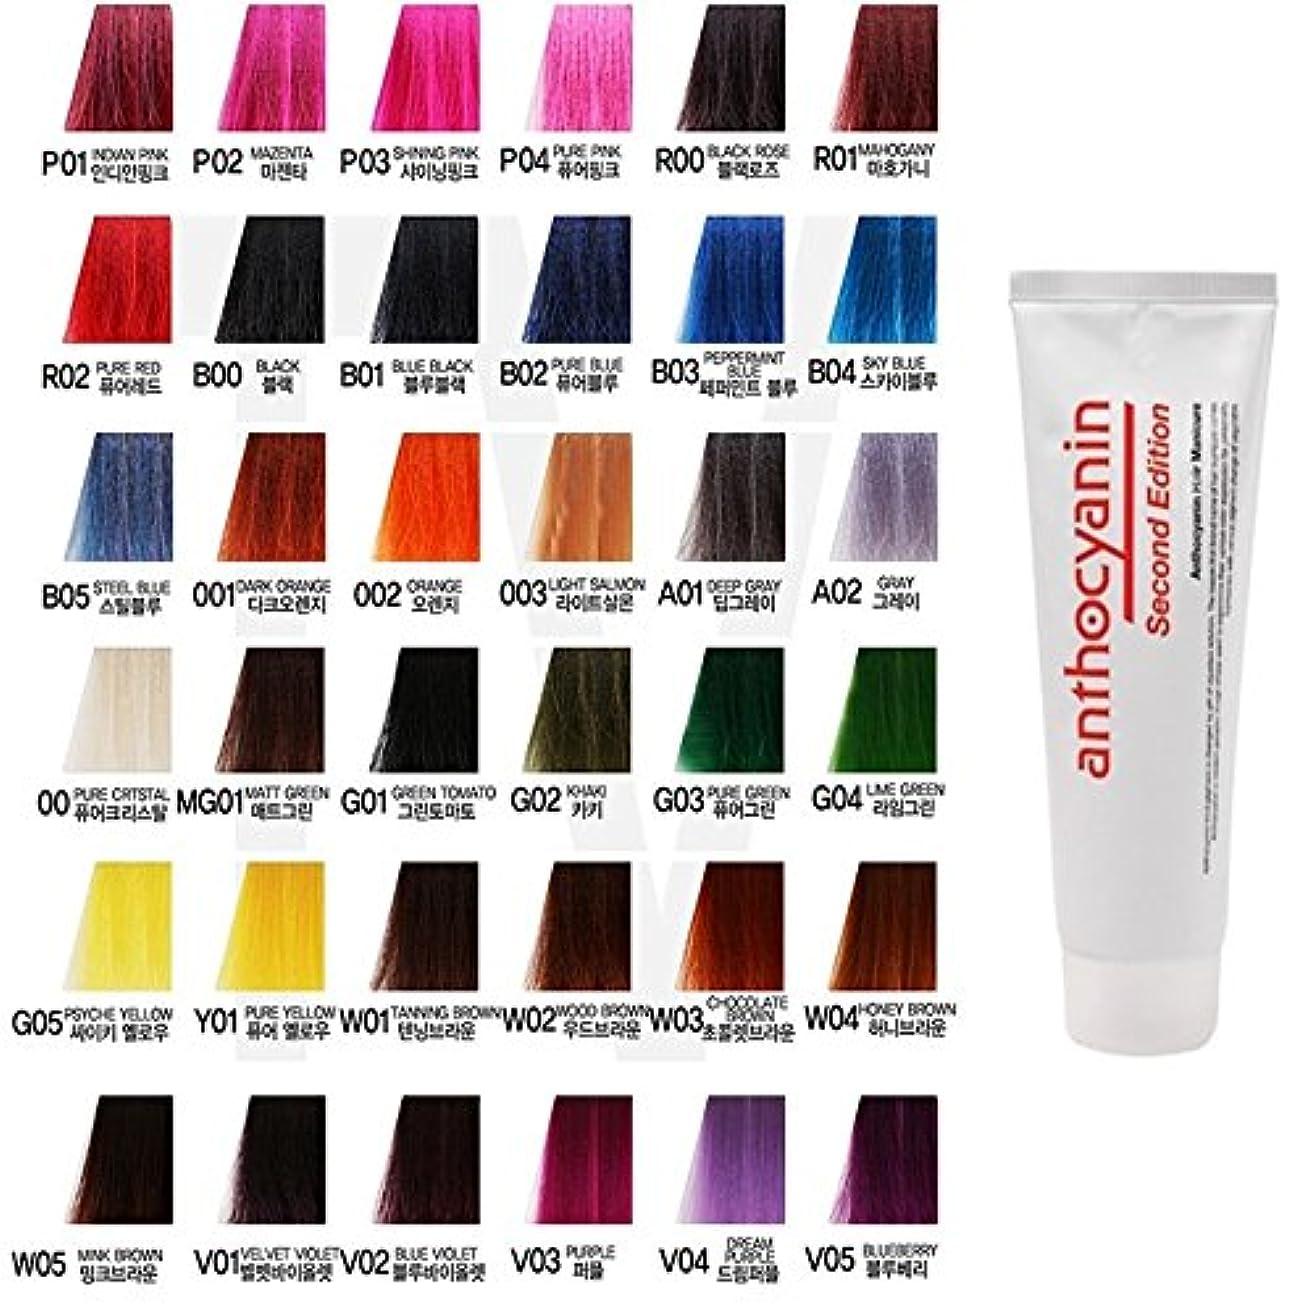 引退するスクラブクランシーヘア マニキュア カラー セカンド エディション 230g セミ パーマネント 染毛剤 ( Hair Manicure Color Second Edition 230g Semi Permanent Hair Dye) [並行輸入品] (O12 Coral Orange)